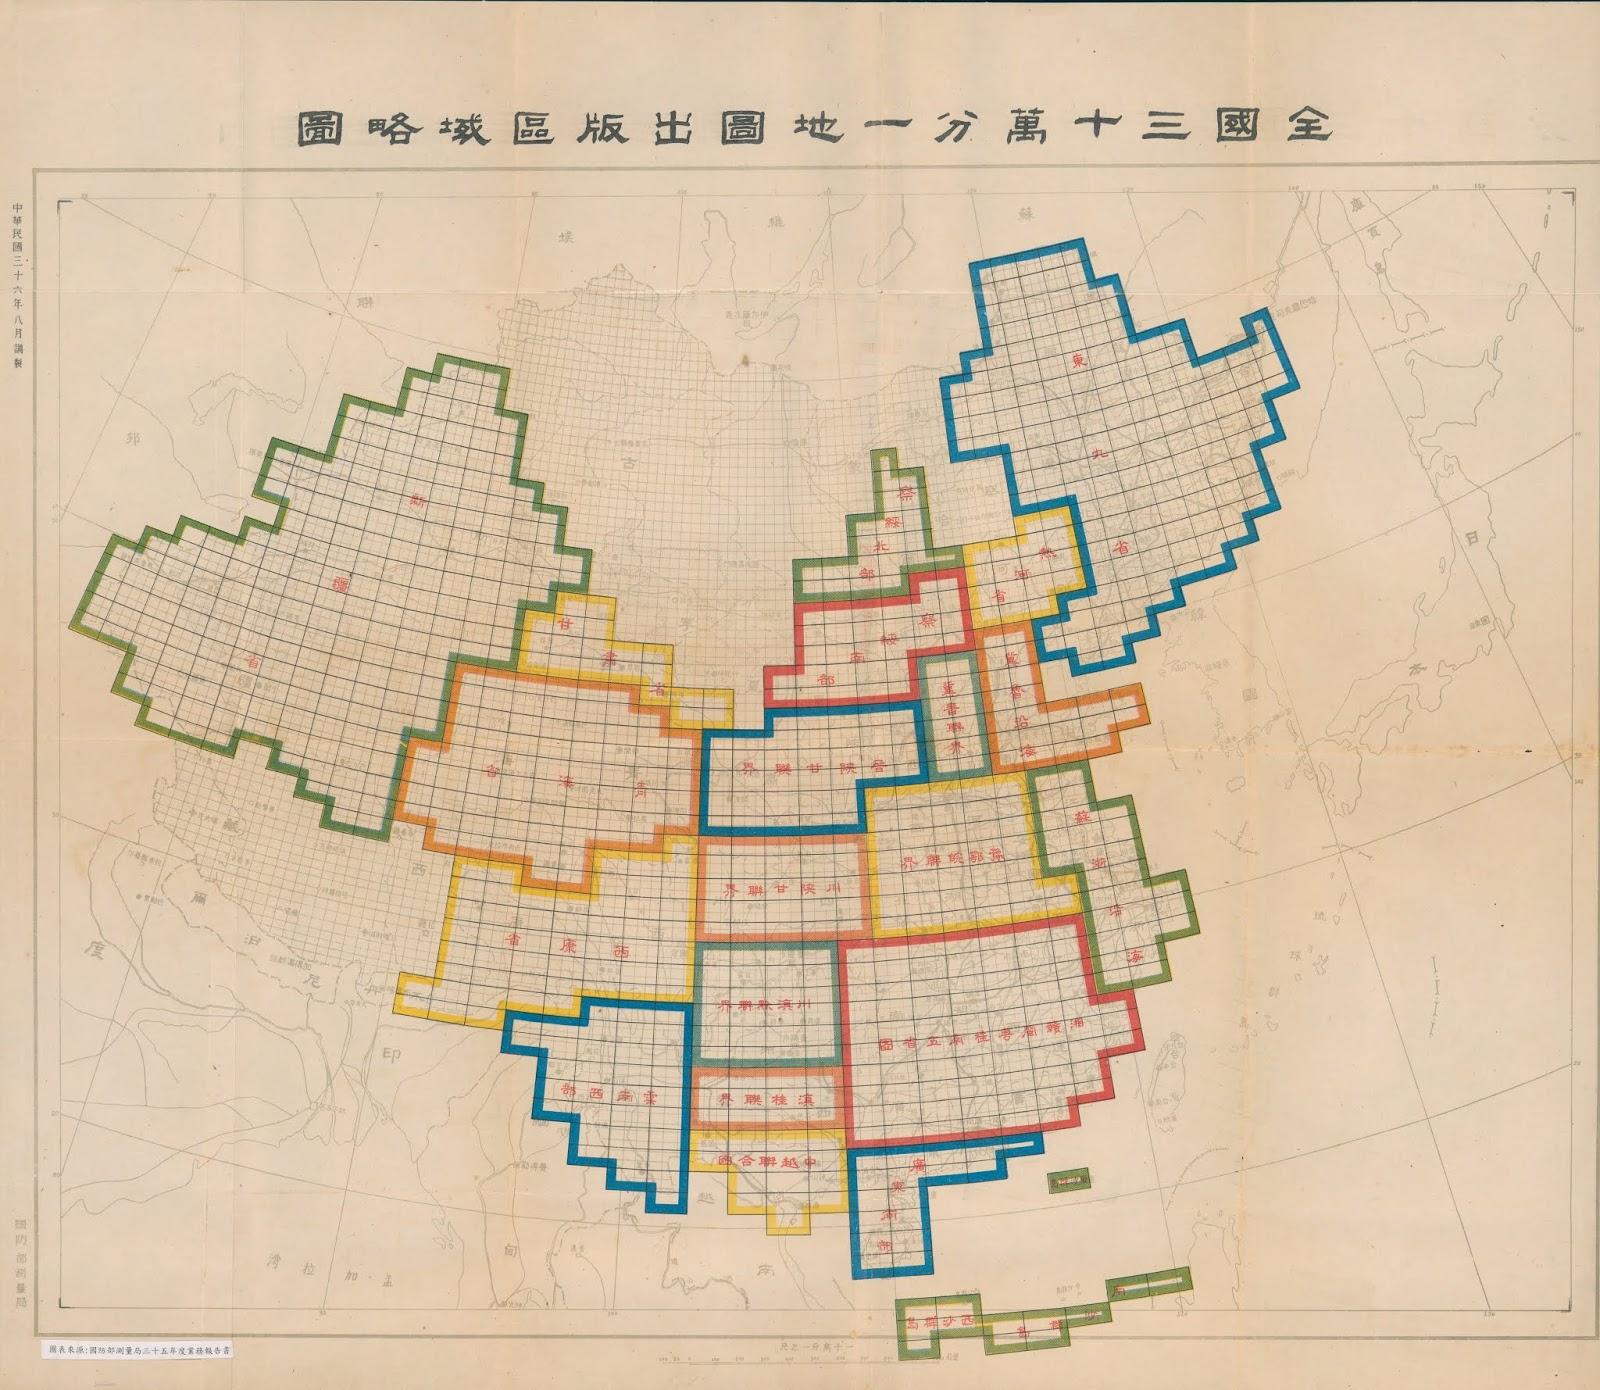 地圖印象: 大陸地區三十萬分一民國圖